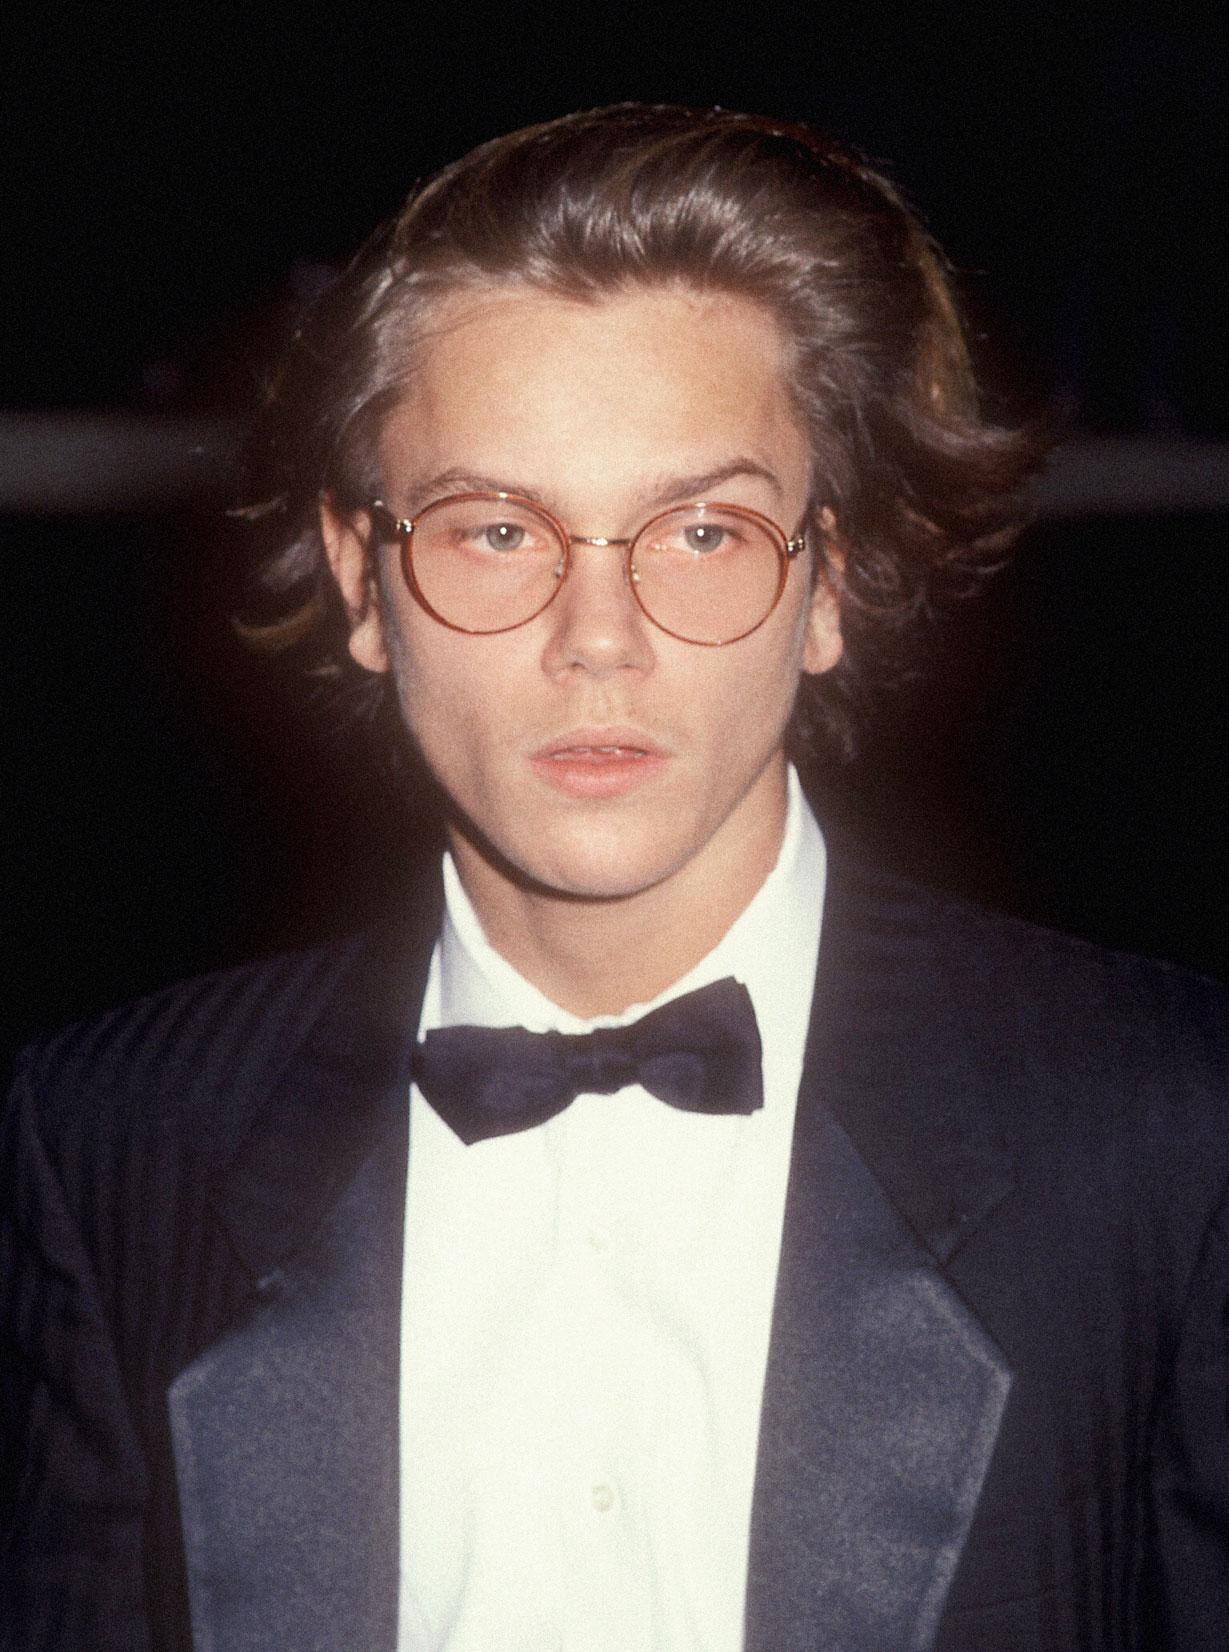 Ривер Феникс на56-й церемонии вручения премии «Золотой Глобус», 28 января 1989 года